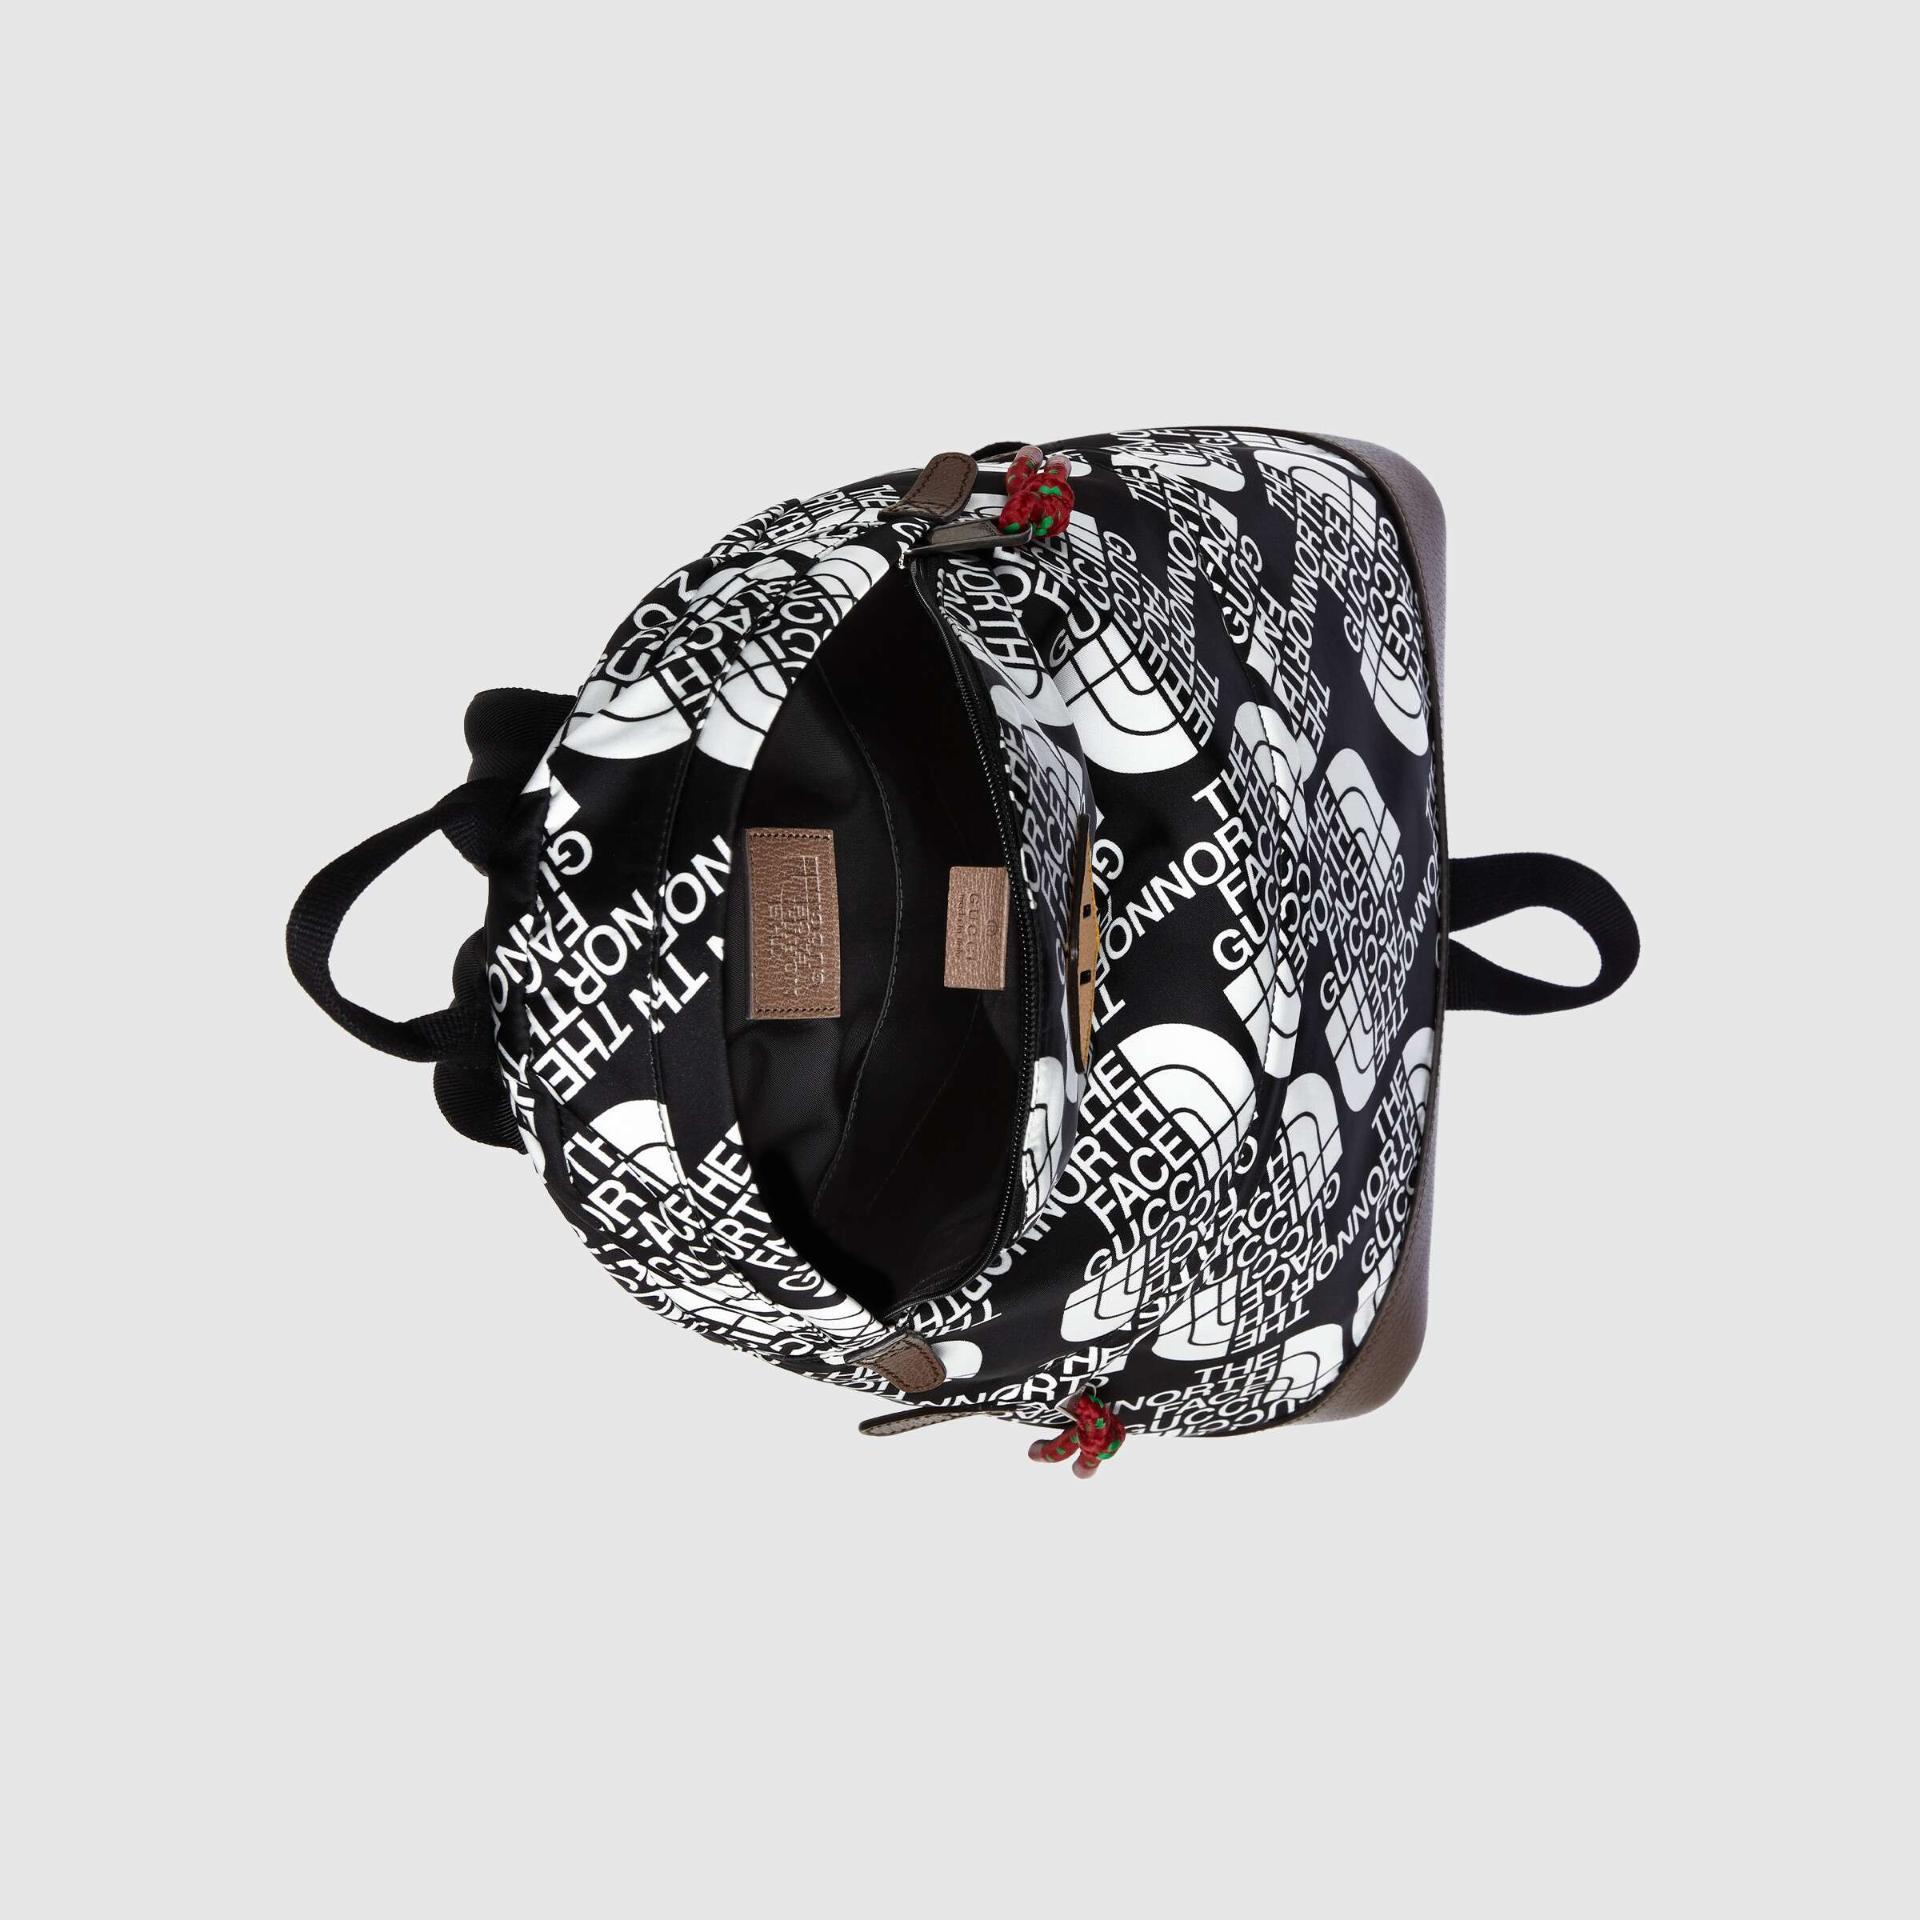 유럽직배송 구찌 GUCCI Gucci - The North Face x Gucci medium backpack 6502882QNDN8425